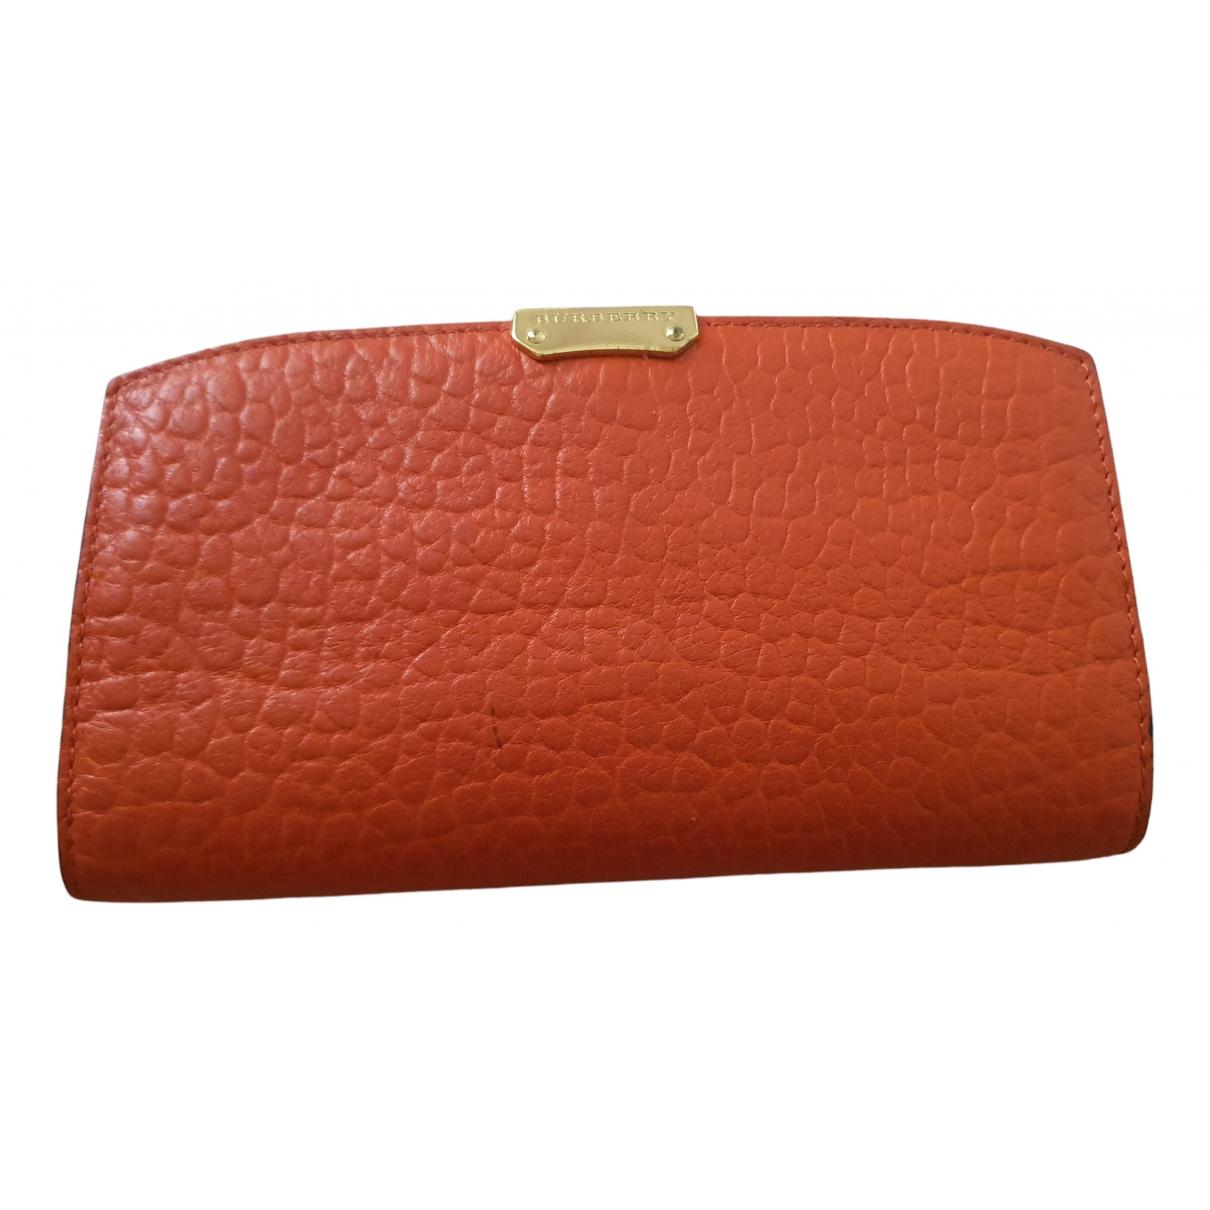 Burberry - Portefeuille   pour femme en cuir - orange